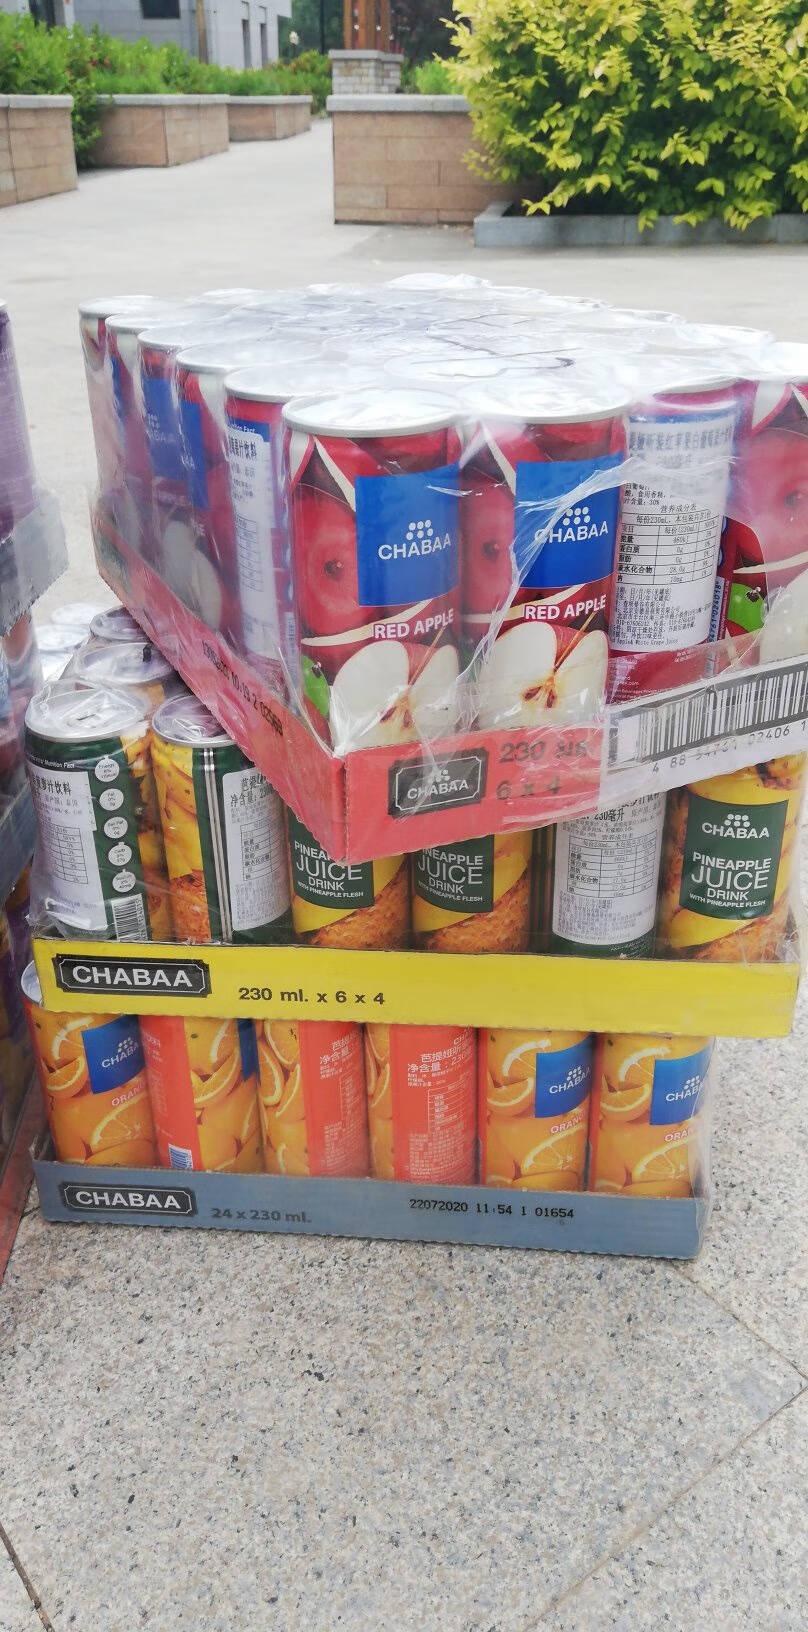 泰国进口果汁芭提娅CHABAA芭提雅果汁饮料230ml红石榴果汁饮料24听整箱